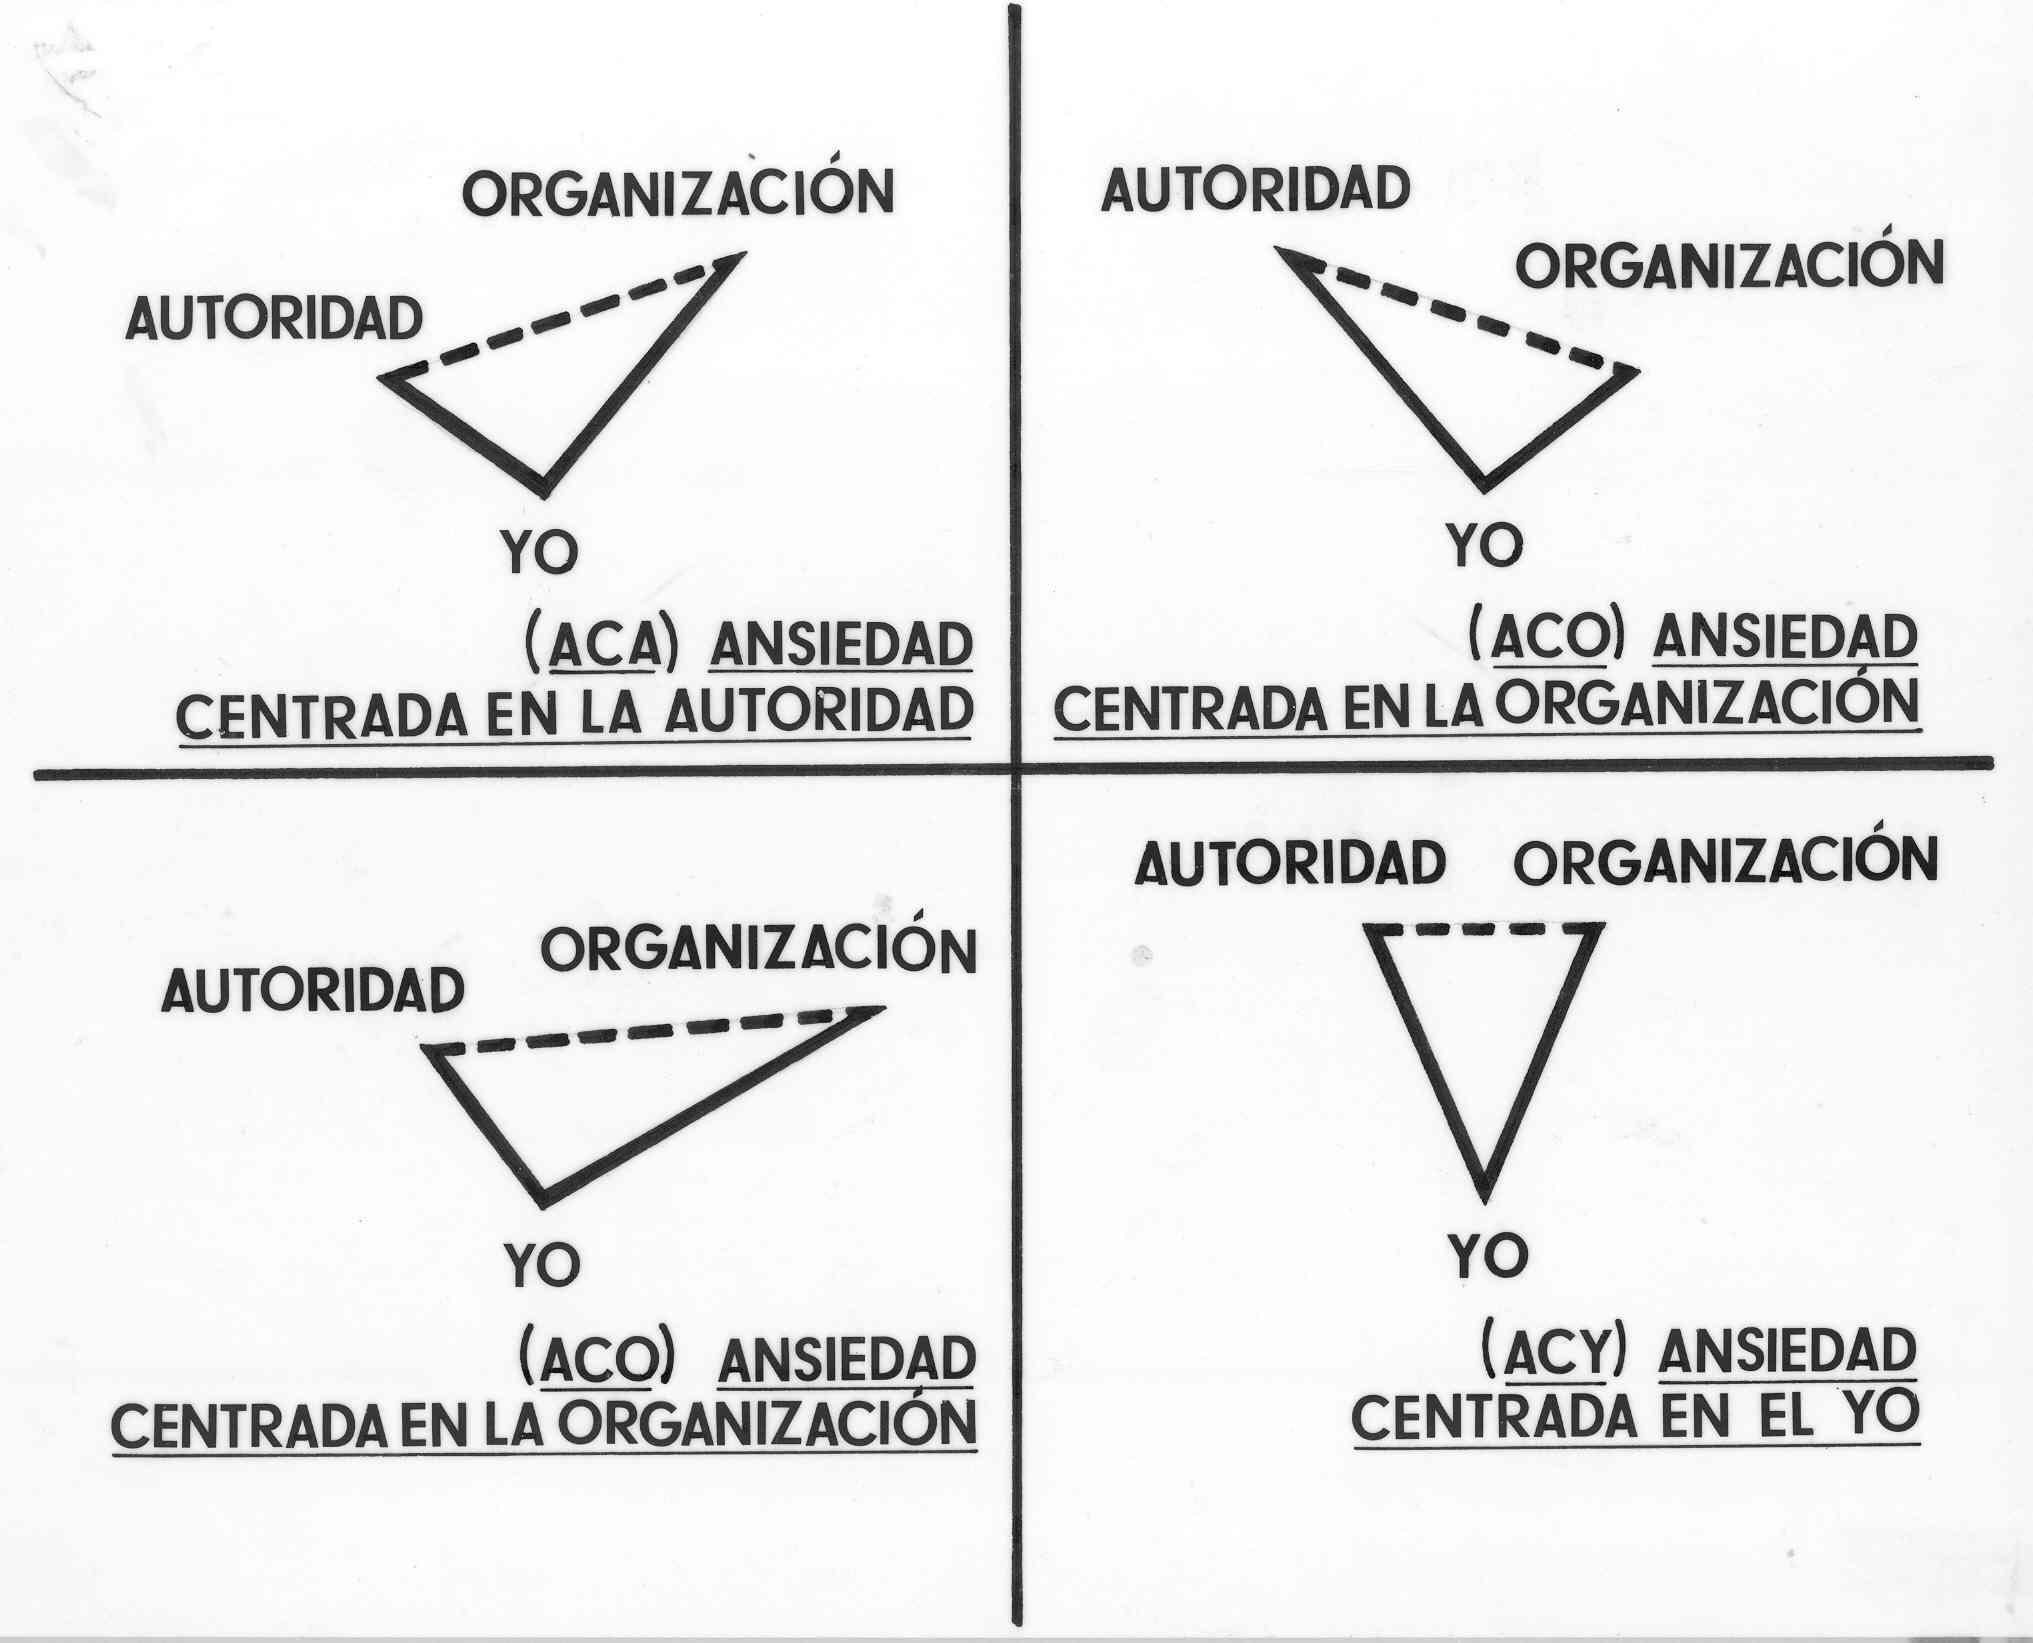 LOS CONFLICTOS 3 TRES TIPOS DE ANSIEDAD EMPRESARIAL  Universo